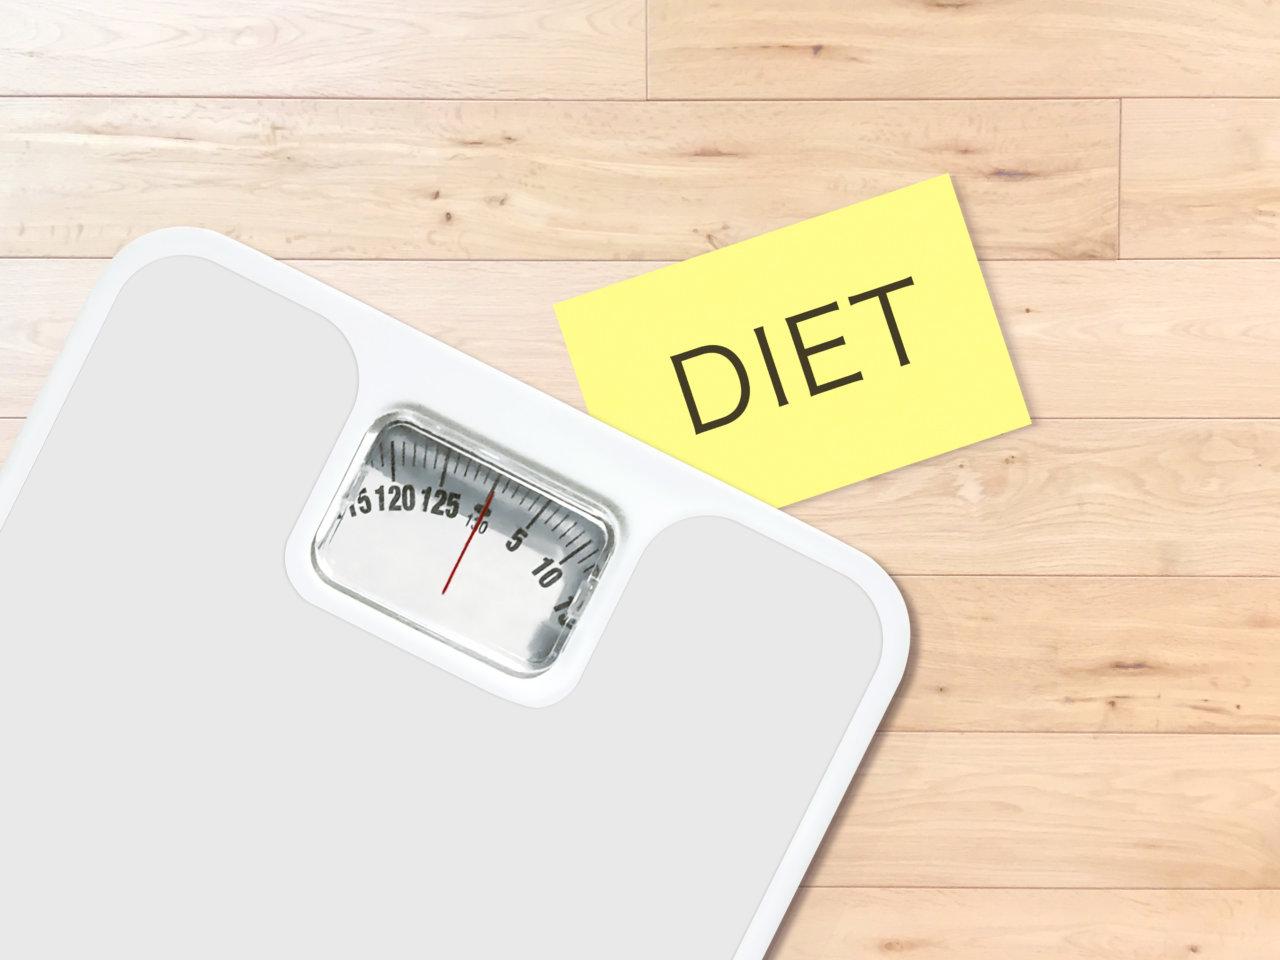 『ダイエットでの食事制限のコツ』~練馬・江古田・小竹向原のパーソナル ジム~の画像